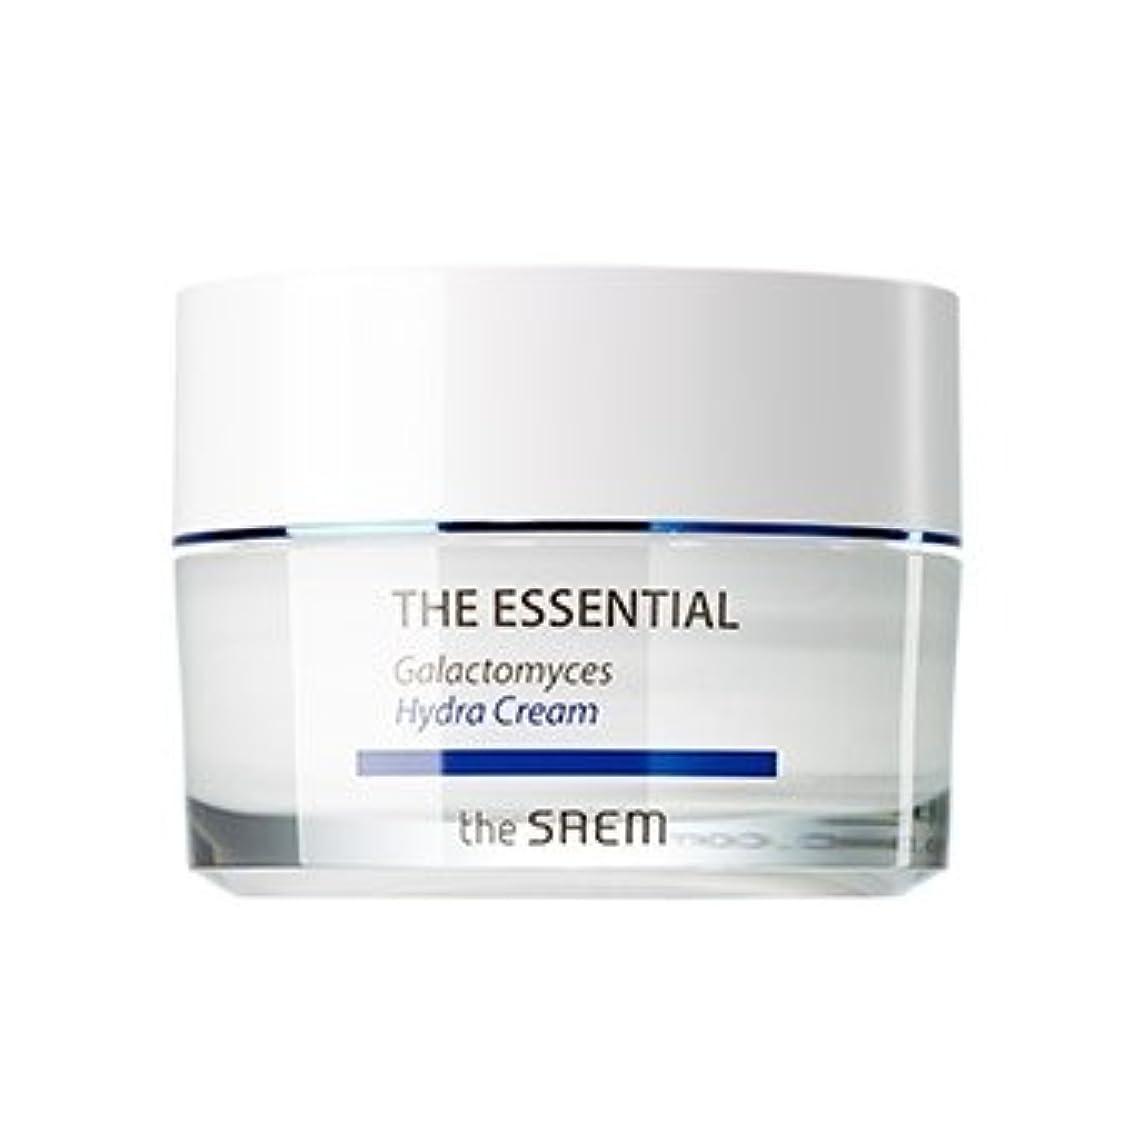 シリング刑務所磁器the SAEM The Essential Galactomyces Hydra Cream 50ml/ザセム ザ エッセンシャル ガラクトミセス ハイドラ クリーム 50ml [並行輸入品]